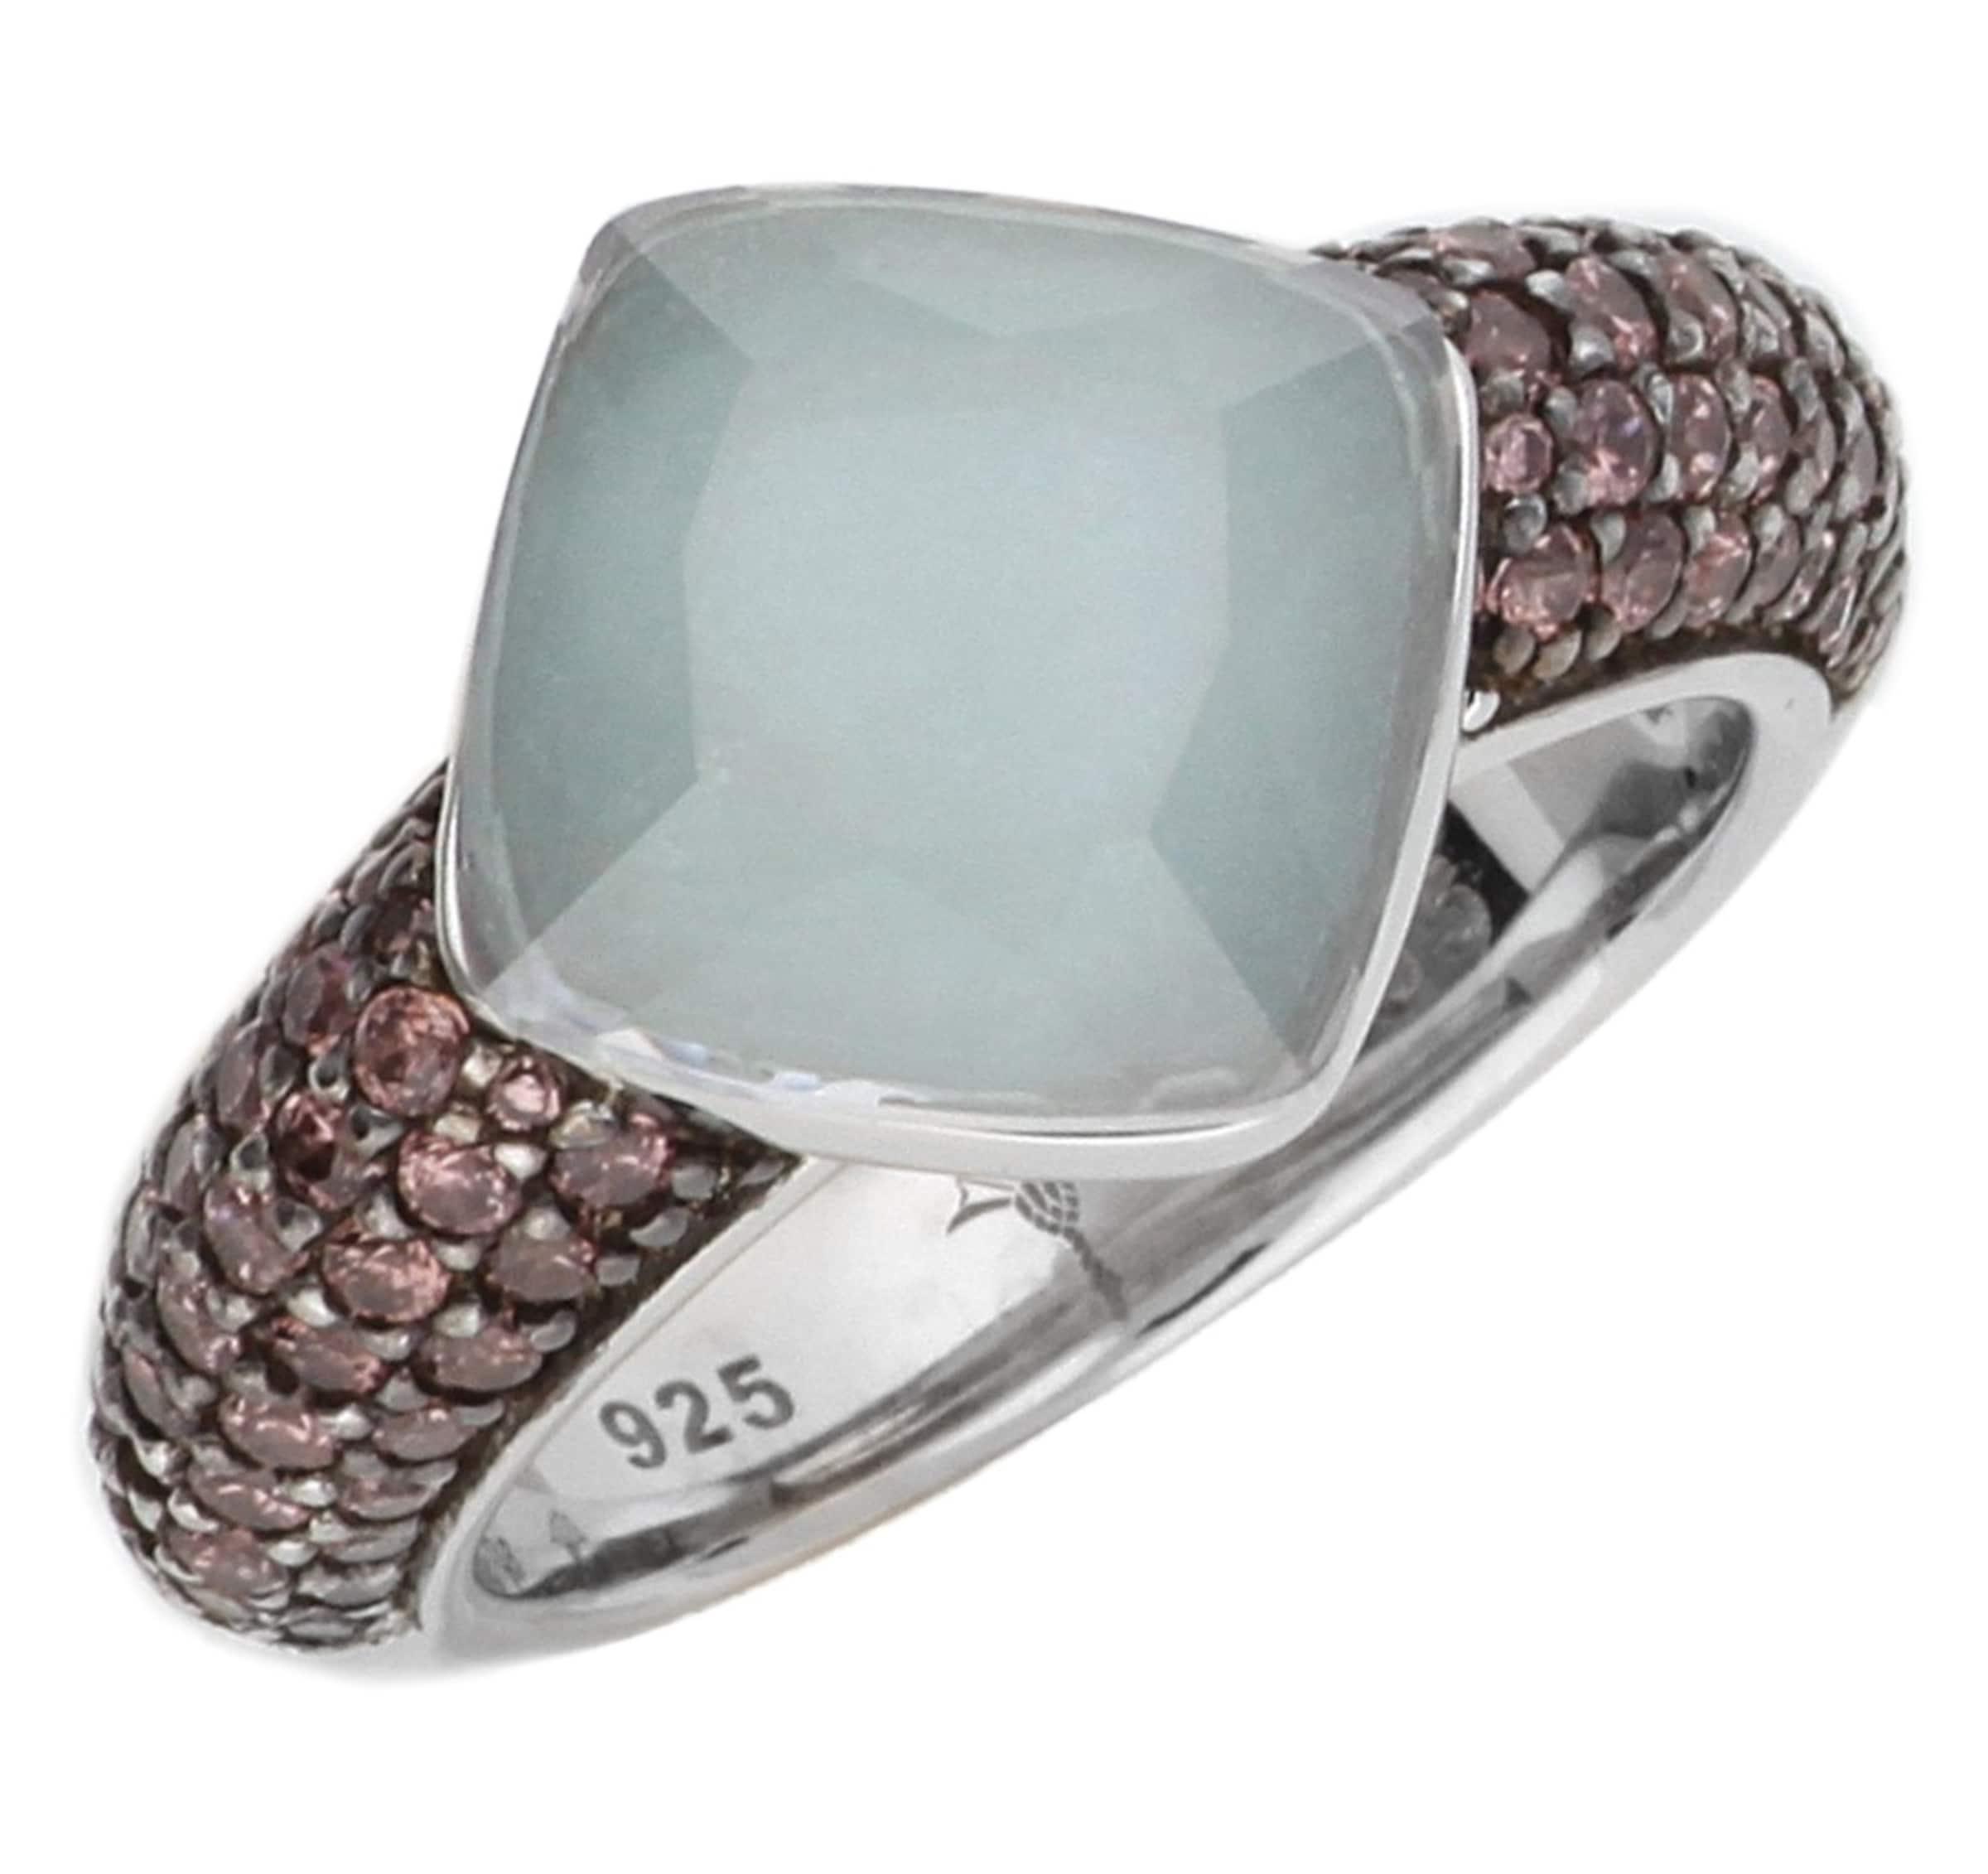 JOOP! Fingerring Silber Türkis Kirsten JPRG90657A Brandneue Unisex Günstig Online Genießen Sie Online SBmO8mXvBp